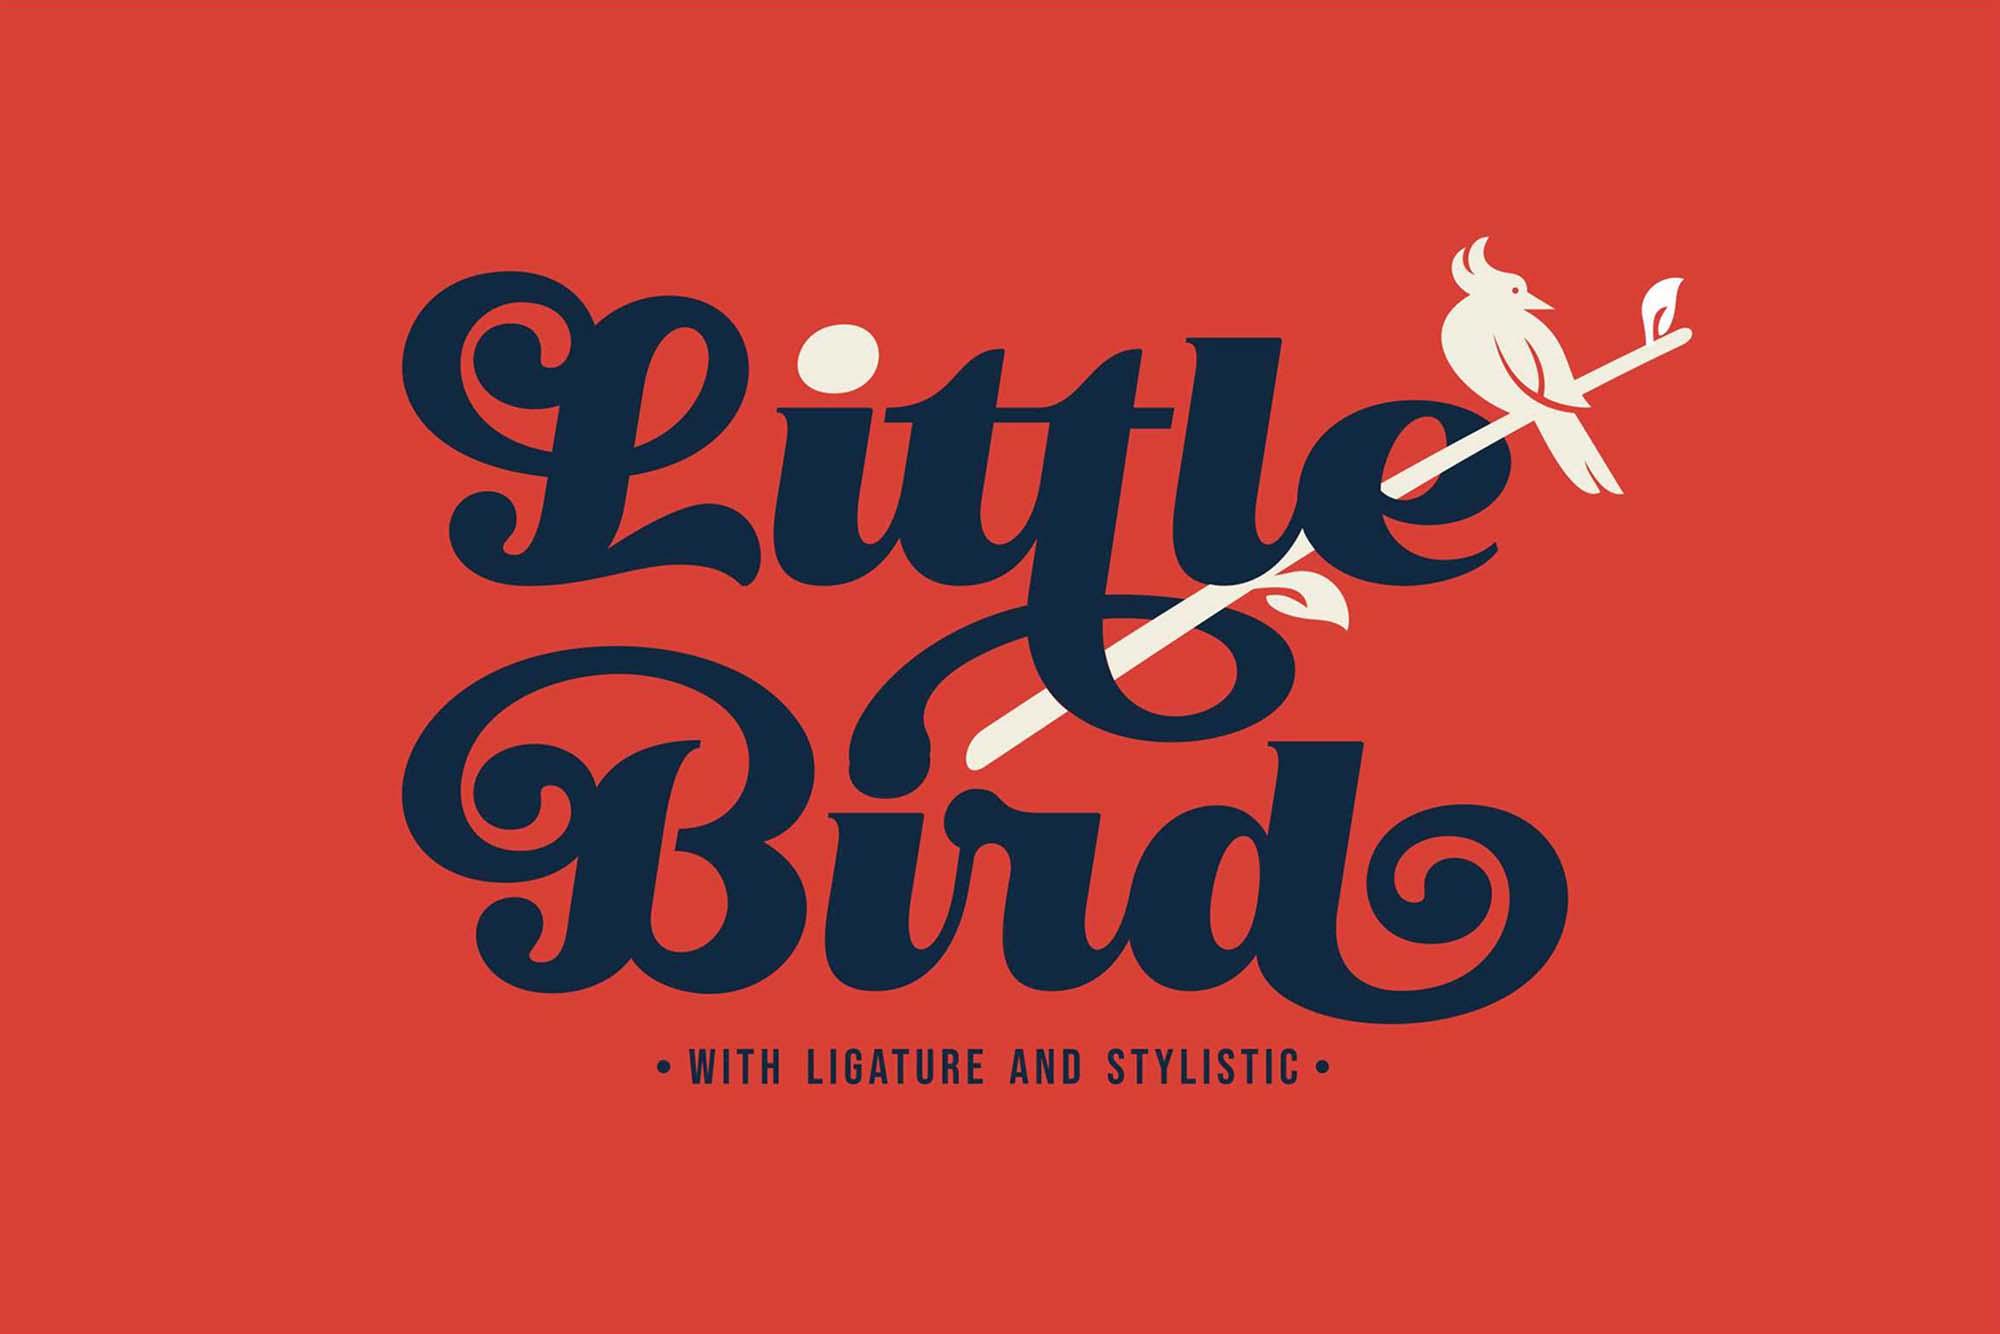 艺术曲线复古风格手写英字下载 Little Bird Script Font插图(7)